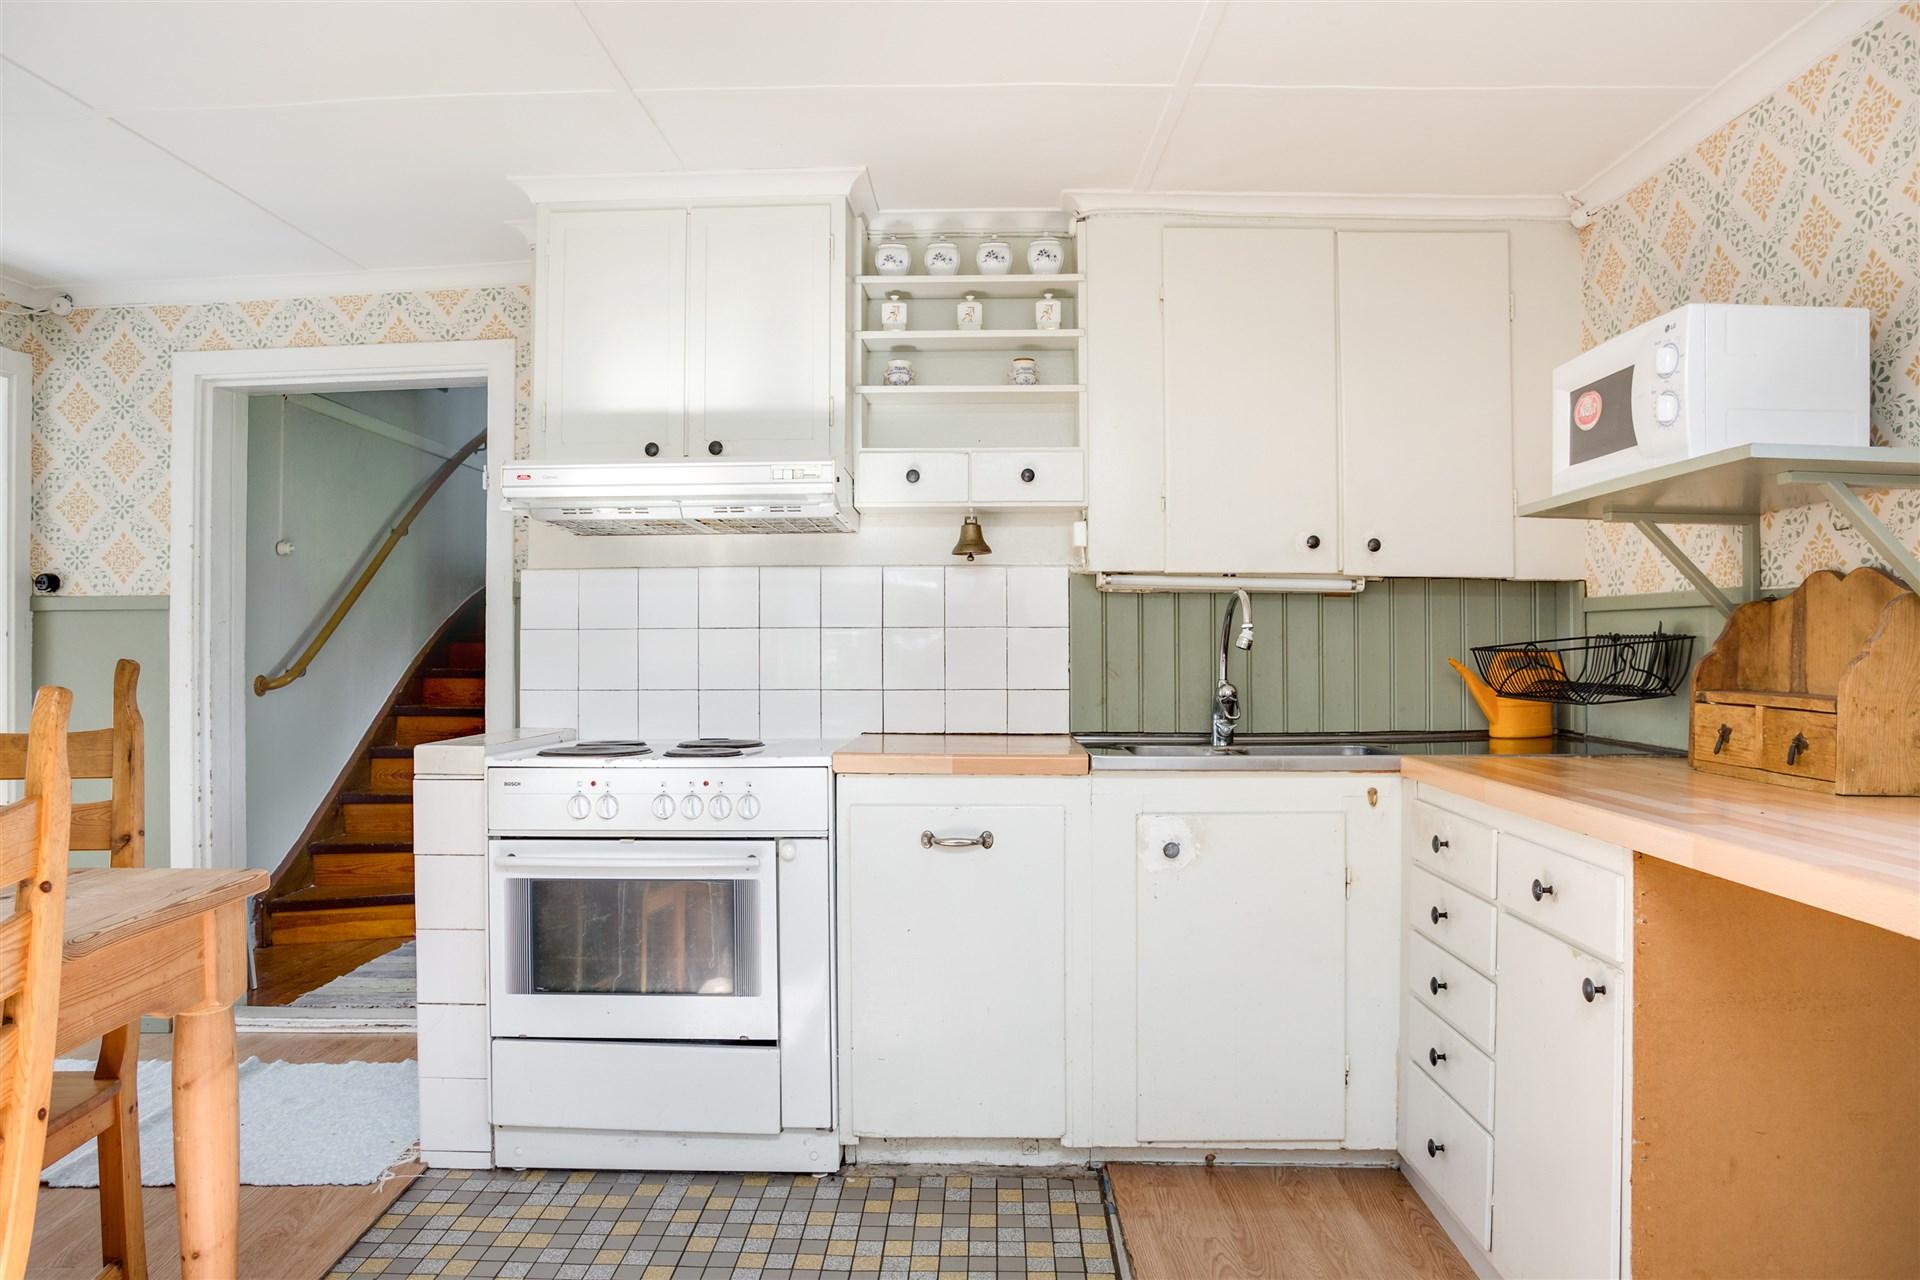 Köket har vita köksluckor och stora arbetsytor.